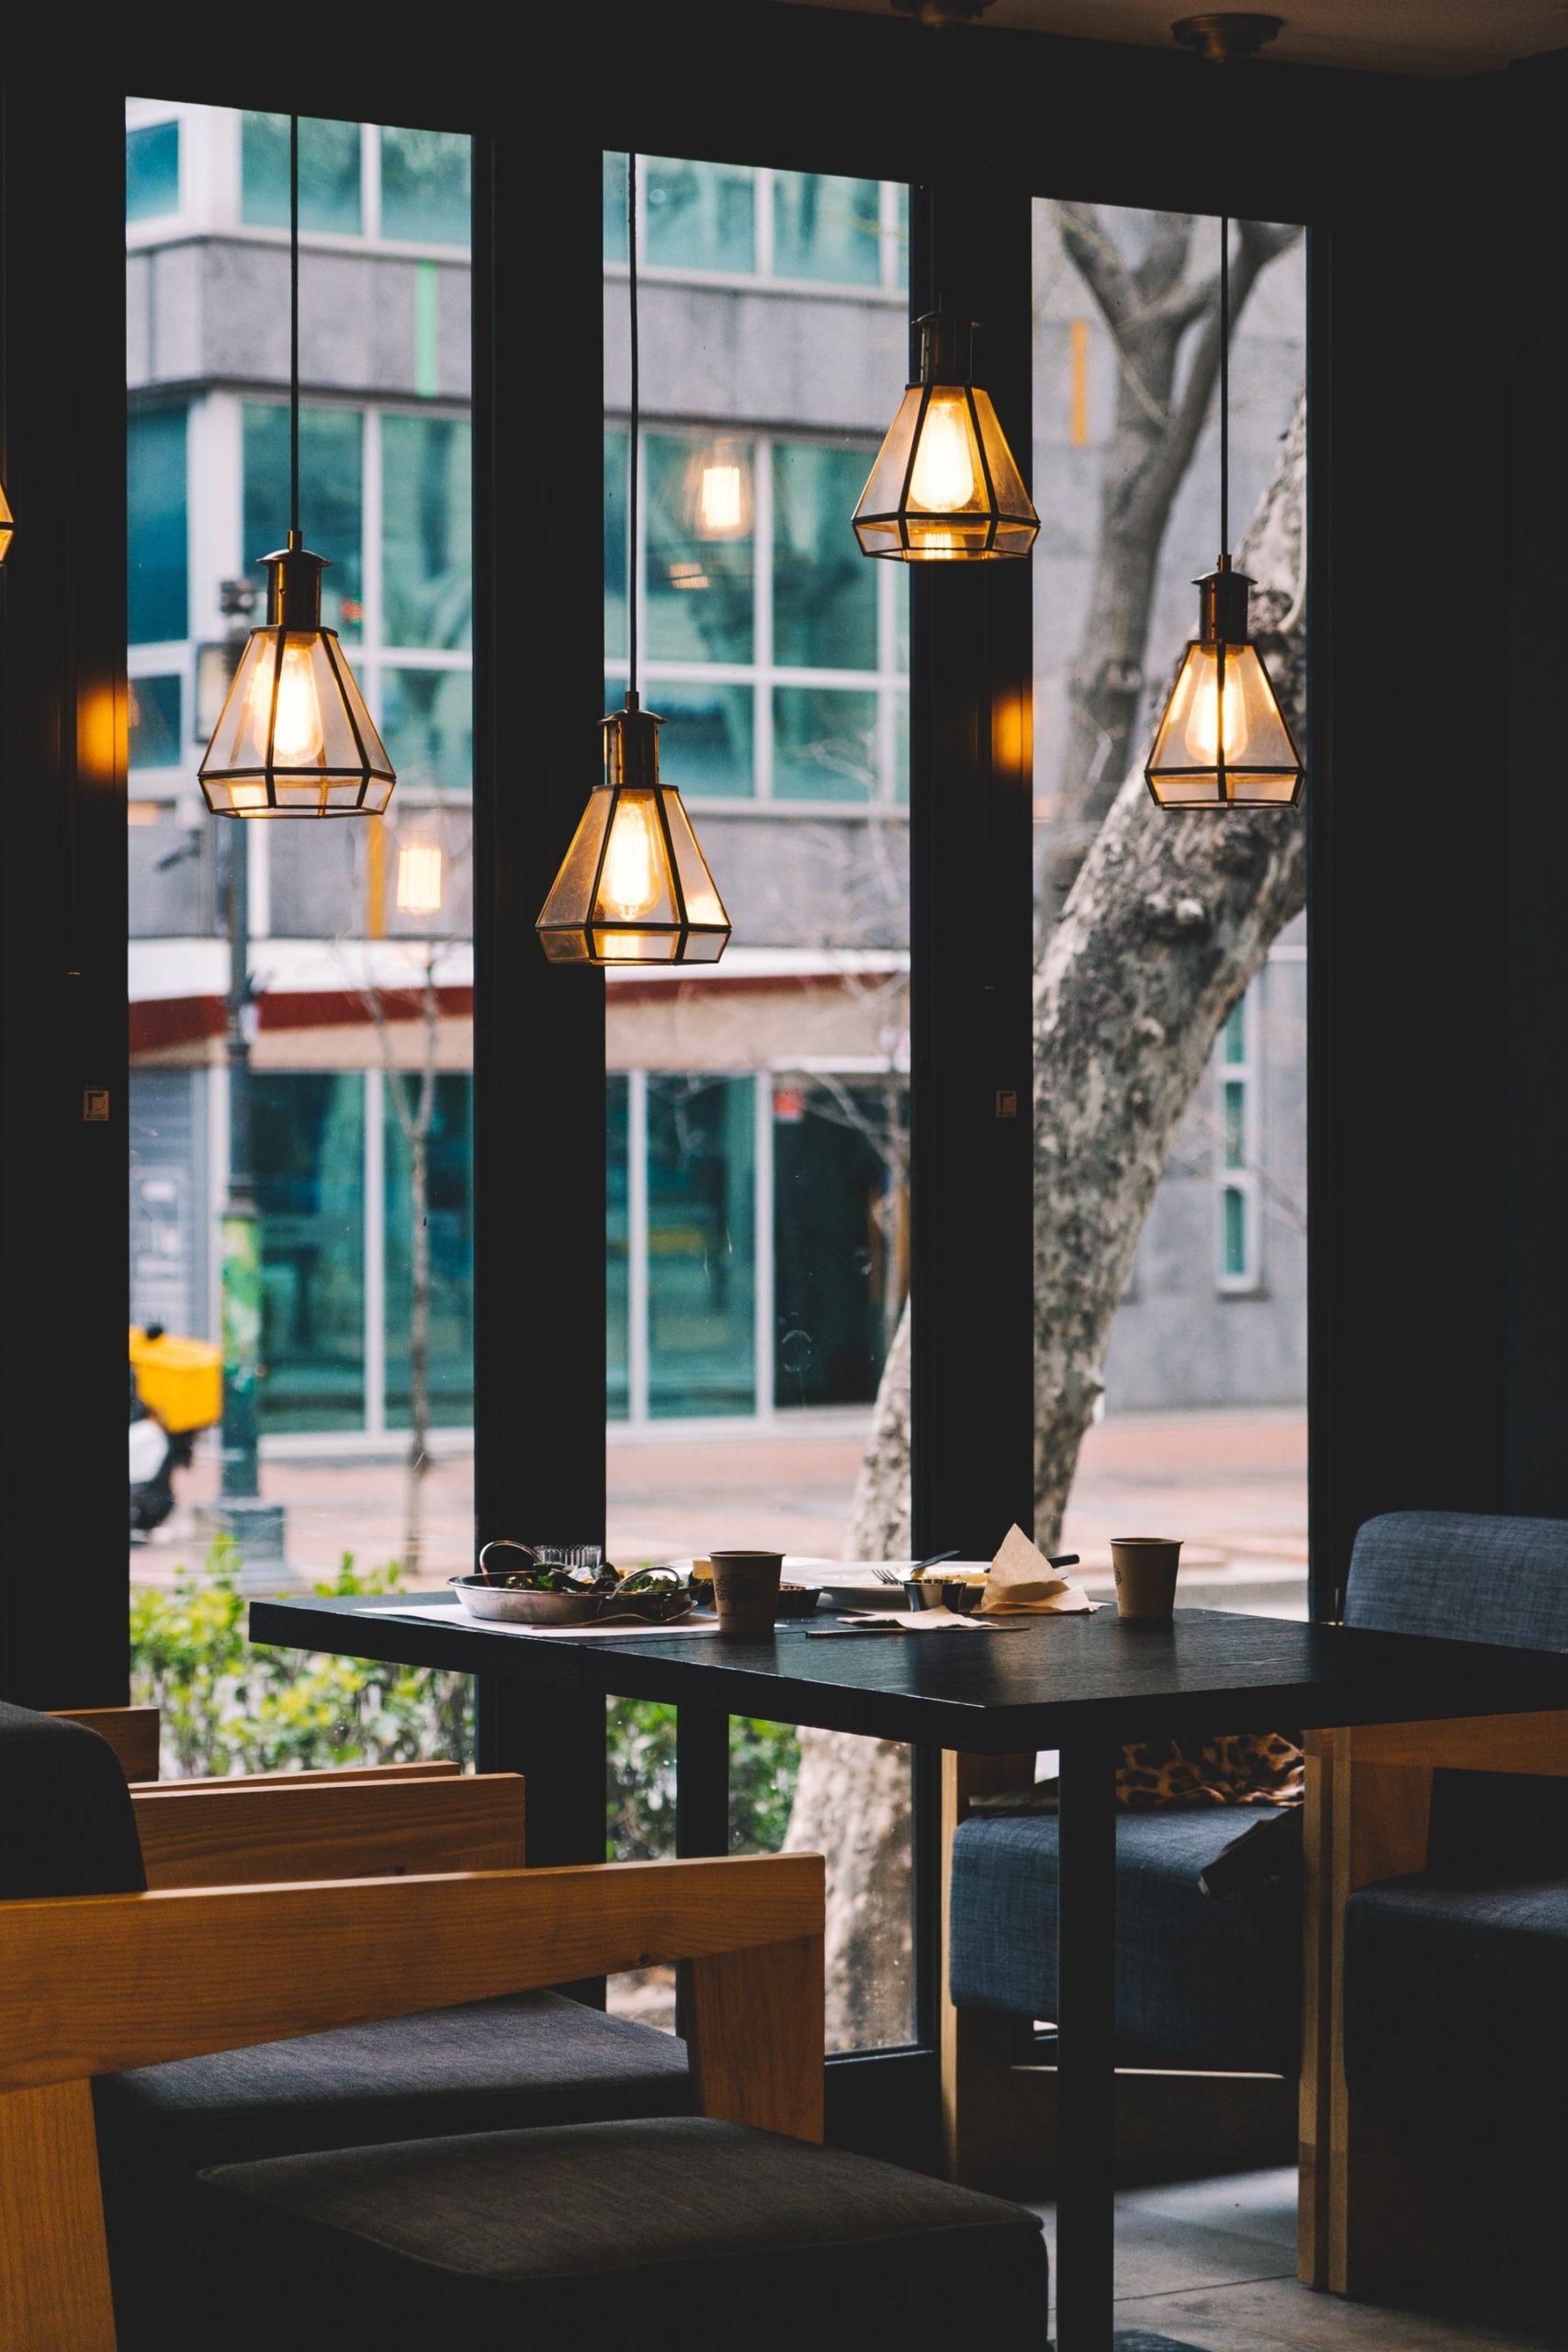 Das kleine restaurant heringsdorf